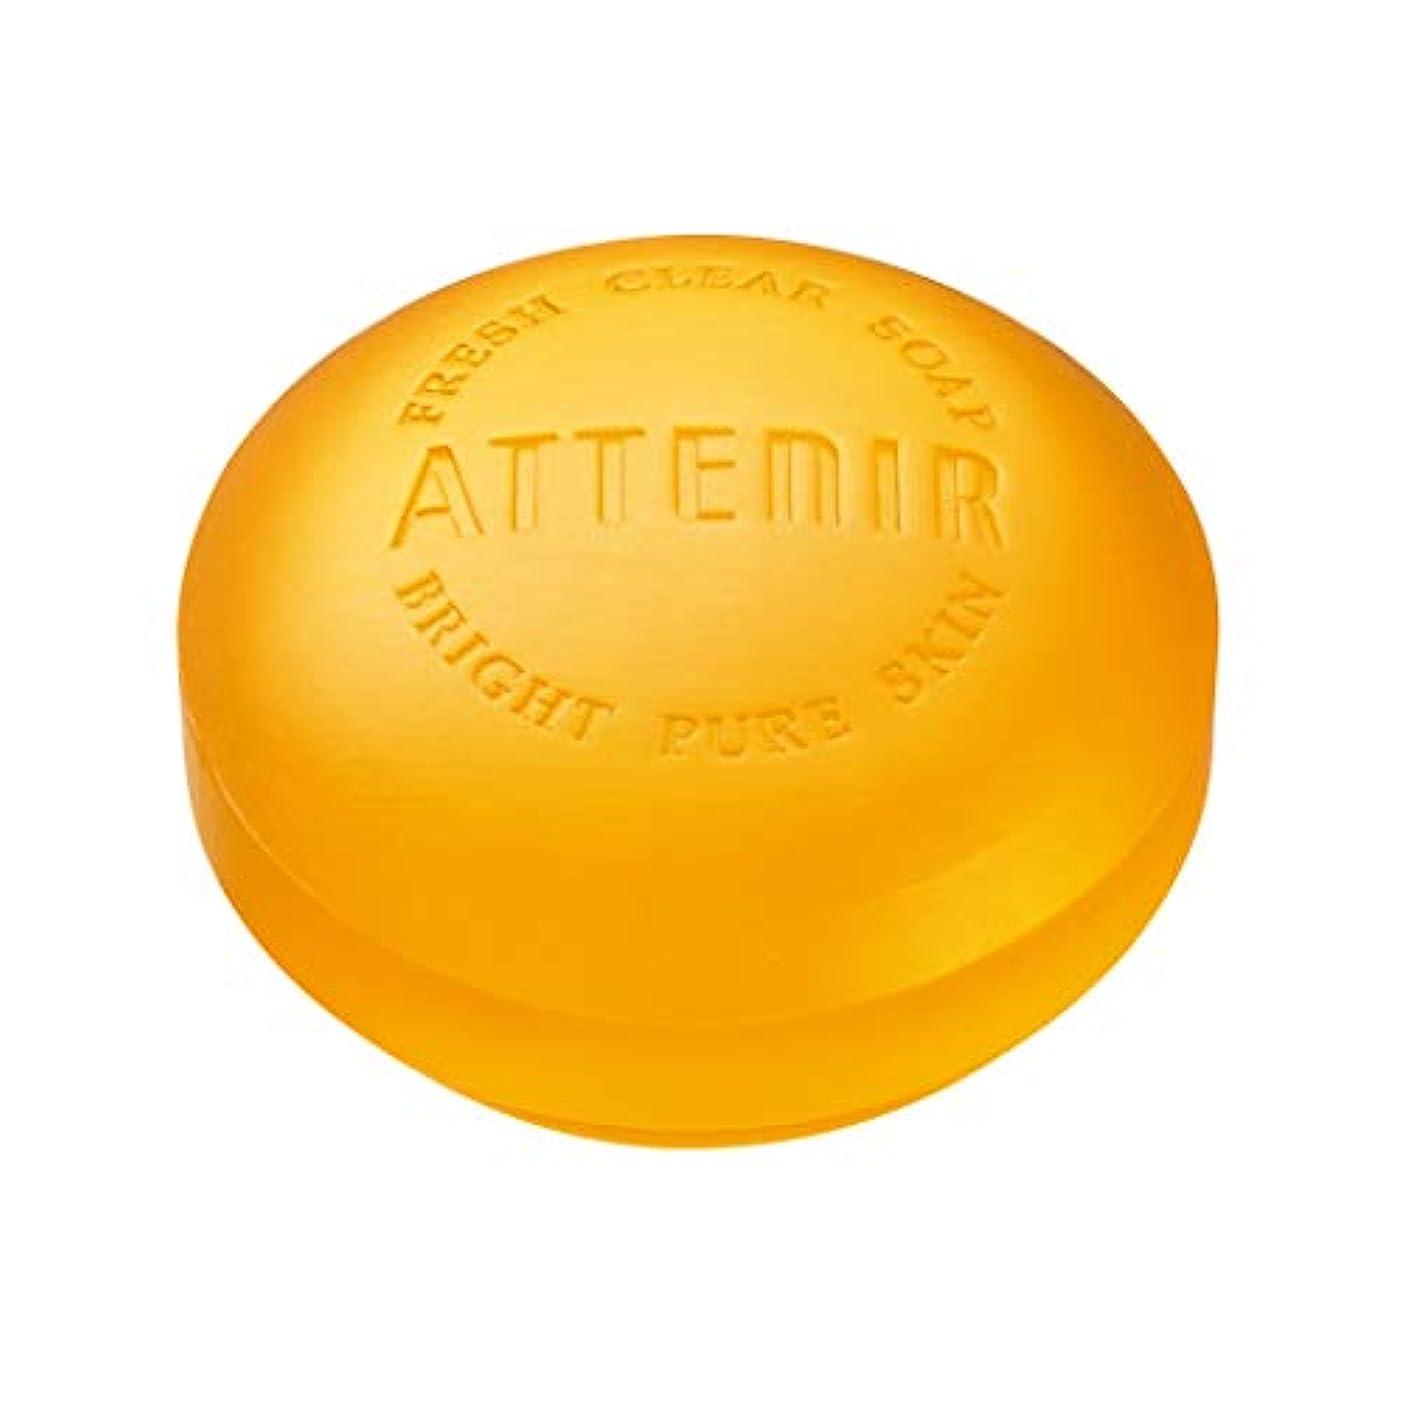 隙間観察する命題アテニア フレッシュクリアソープ ホワイト 石鹸 くすみケア 天然オレンジの香り 100g